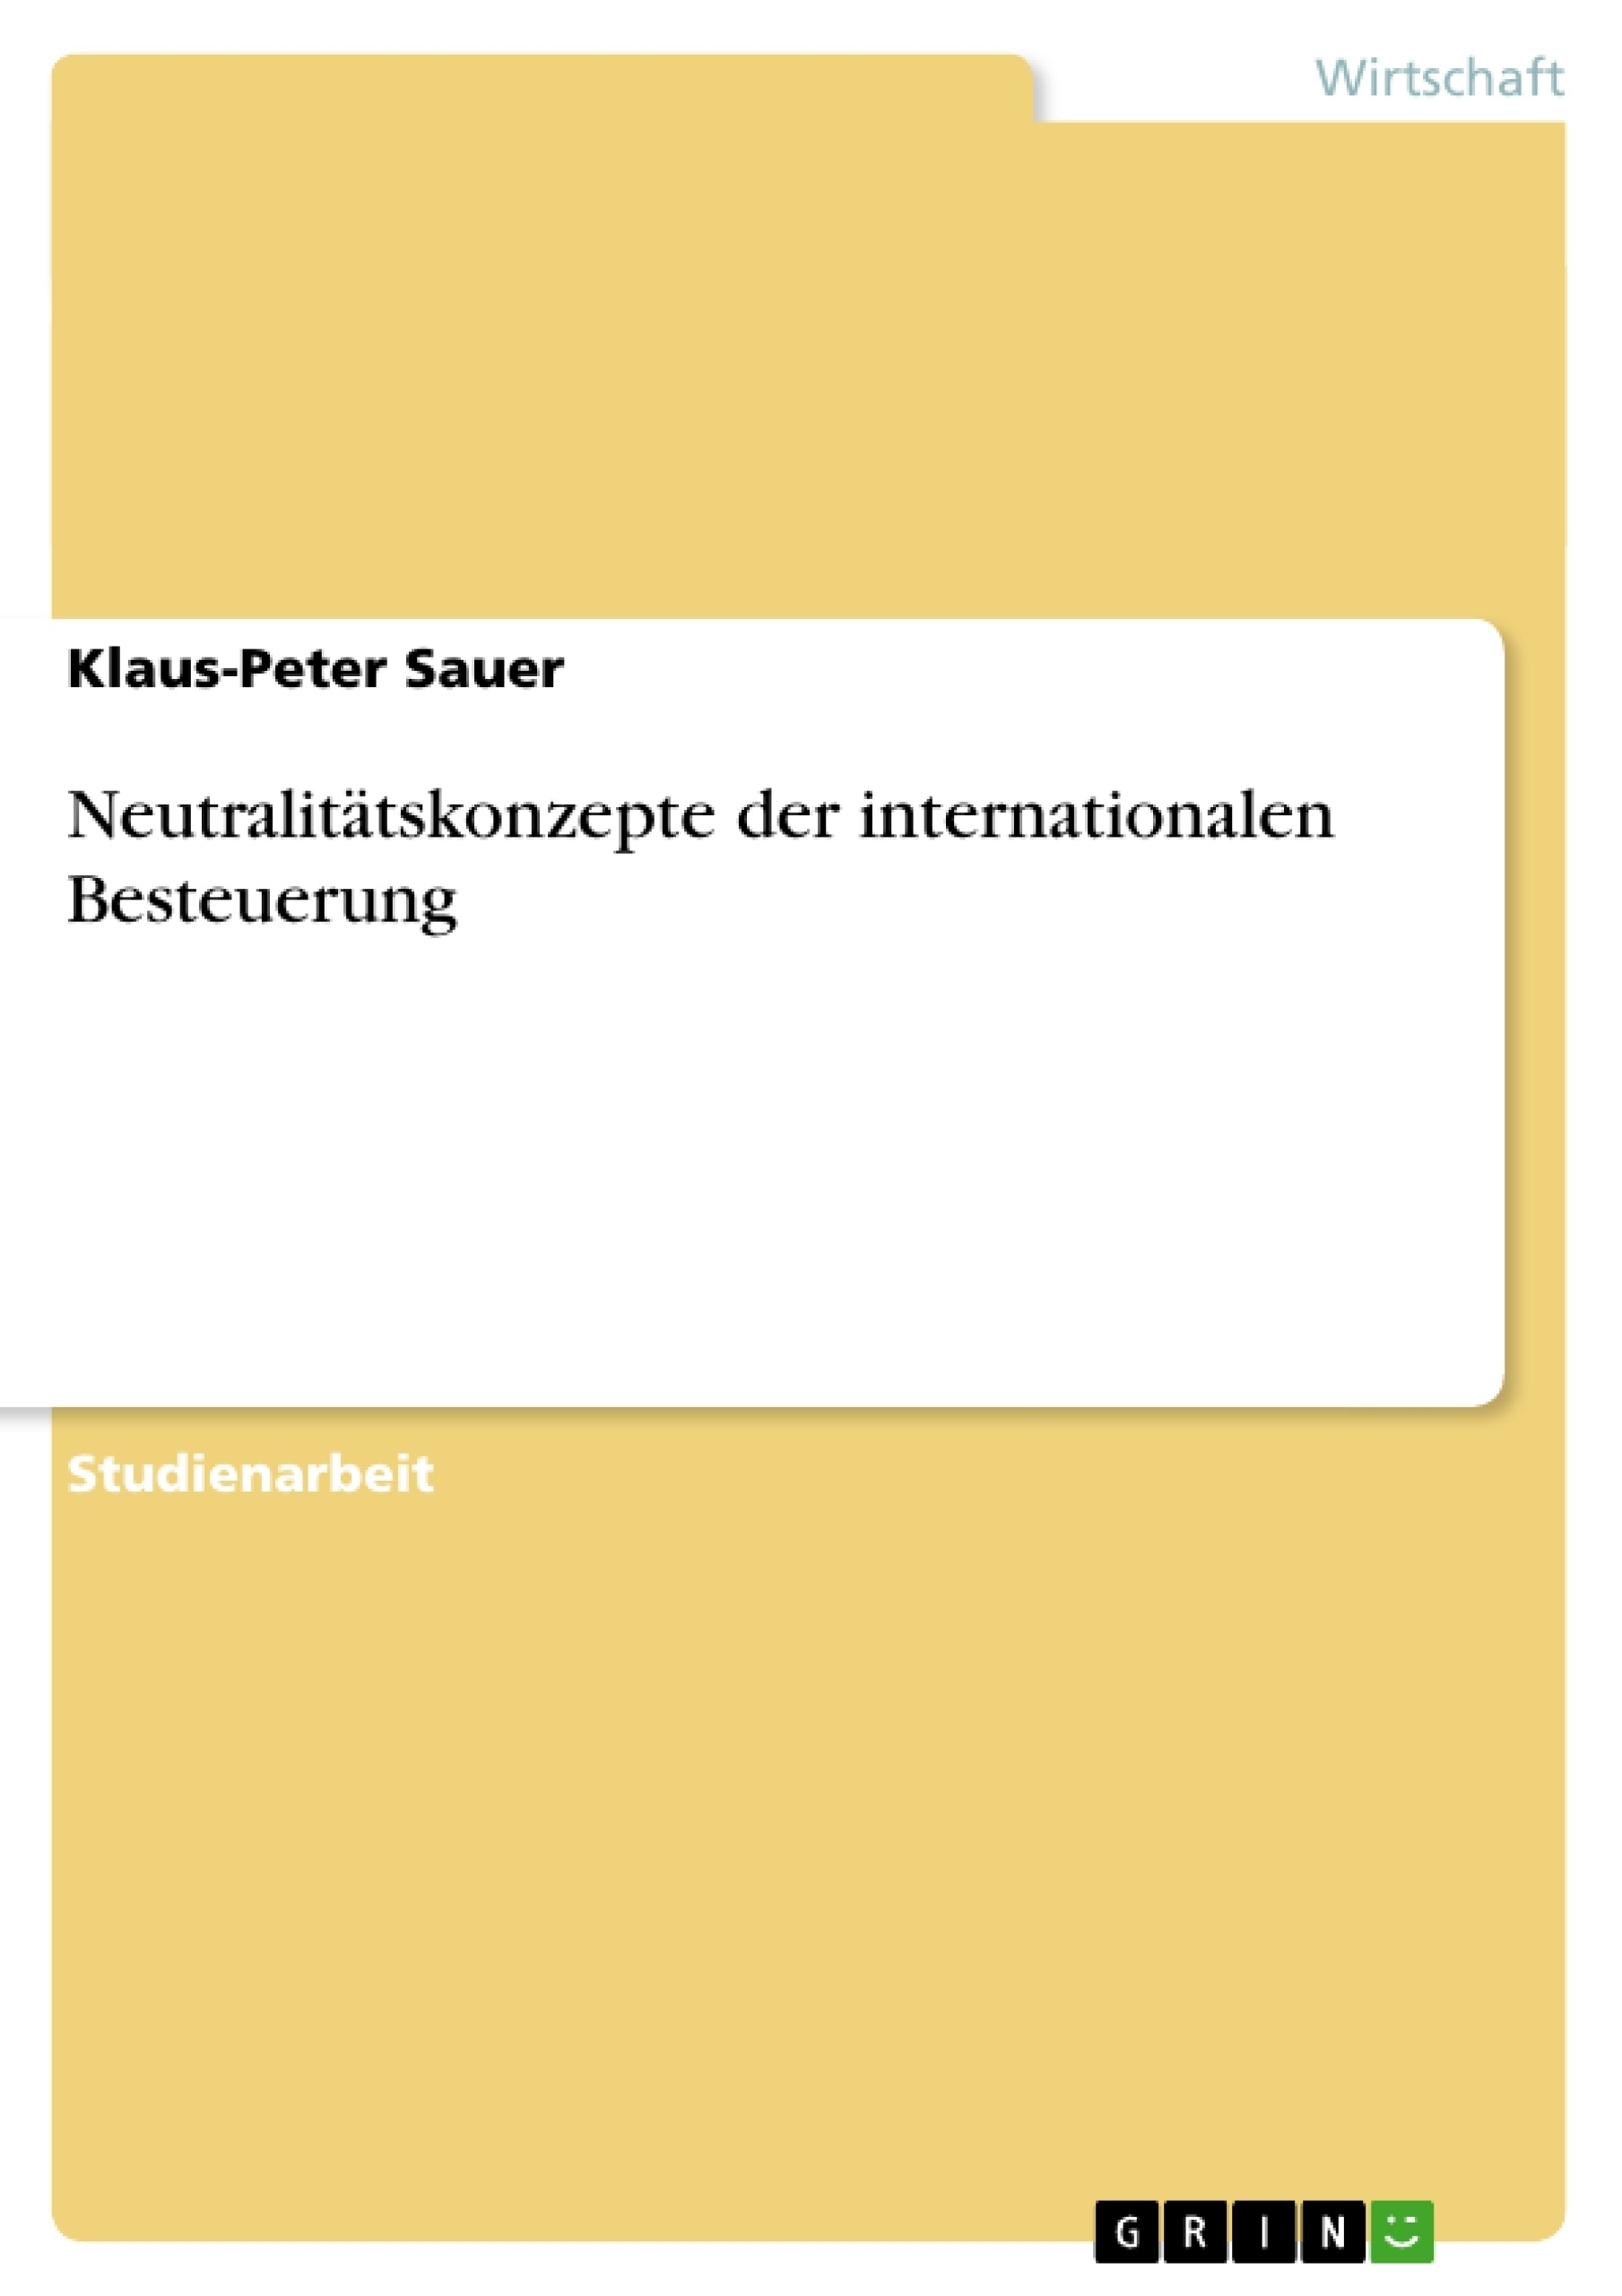 Titel: Neutralitätskonzepte der internationalen Besteuerung